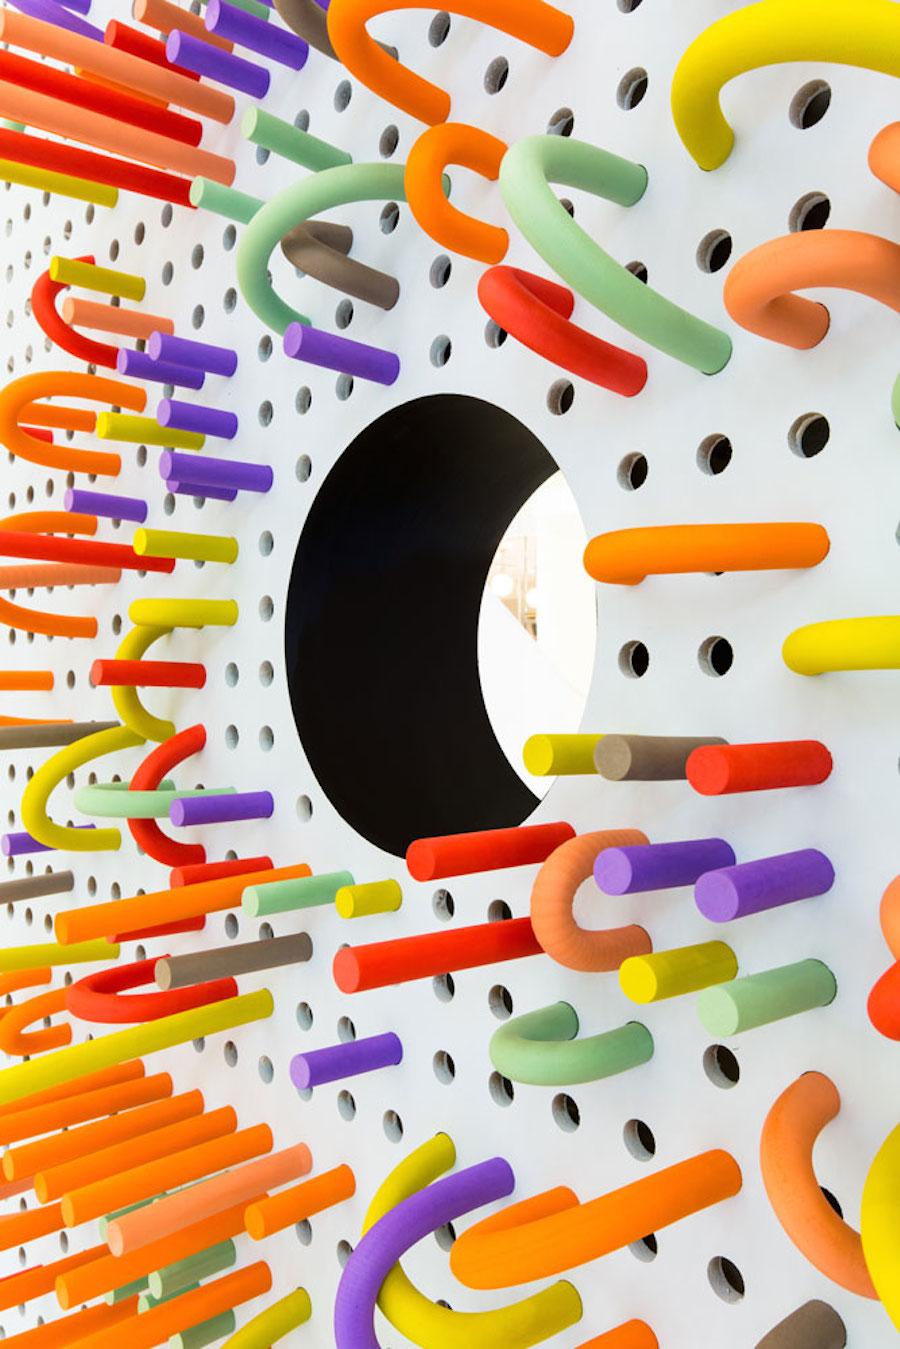 installazione-interattiva-bambini-tubo-kids-mathery-04